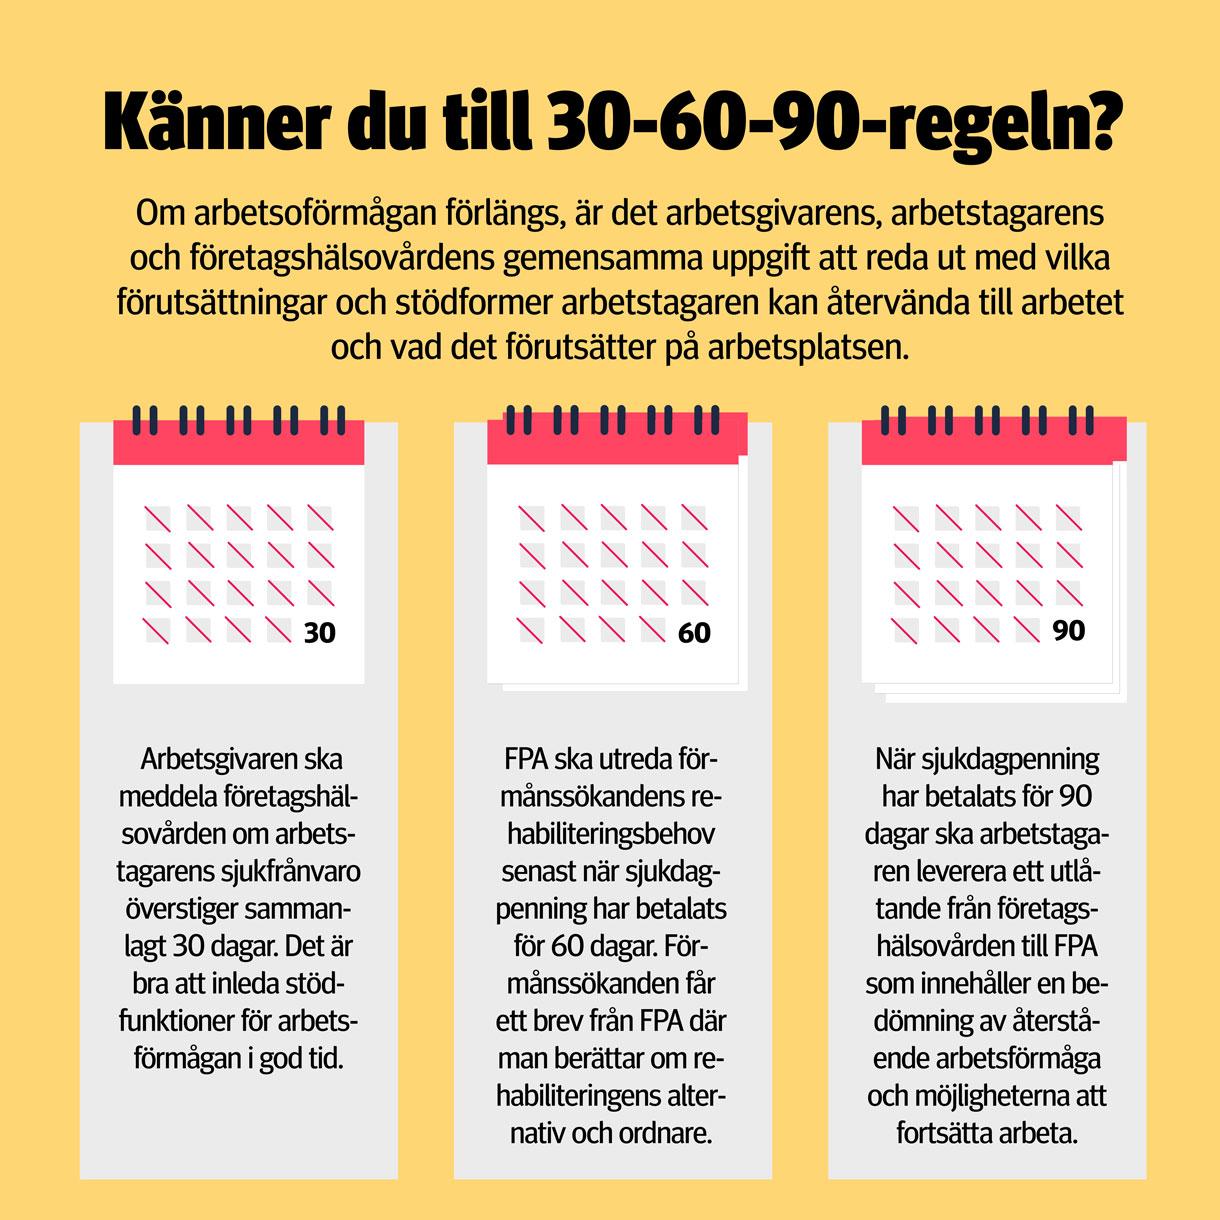 Känner du till 30-60-90-regeln? Om arbetsoförmågan förlängs, är det arbetsgivarens, arbetstagarens och företagshälsovårdens gemensamma uppgift att reda ut med vilka förutsättningar och stödformer arbetstagaren kan återvända till arbetet och vad det förutsätter på arbetsplatsen.   30 – Arbetsgivaren ska meddela företagshälsovården om arbetstagarens sjukfrånvaro överstiger sammanlagt 30 dagar. Det är bra att inleda stödfunktioner för arbetsförmågan i god tid.     60 – FPA ska utreda förmånssökandens rehabiliteringsbehov senast när sjukdagpenning har betalats för 60 dagar. Förmånssökanden får ett brev från FPA där man berättar om rehabiliteringens alternativ och ordnare.   90 – När sjukdagpenning har betalats för 90 dagar ska arbetstagaren leverera ett utlåtande från företagshälsovården till FPA som innehåller en bedömning av återstående arbetsförmåga och möjligheterna att fortsätta arbeta.